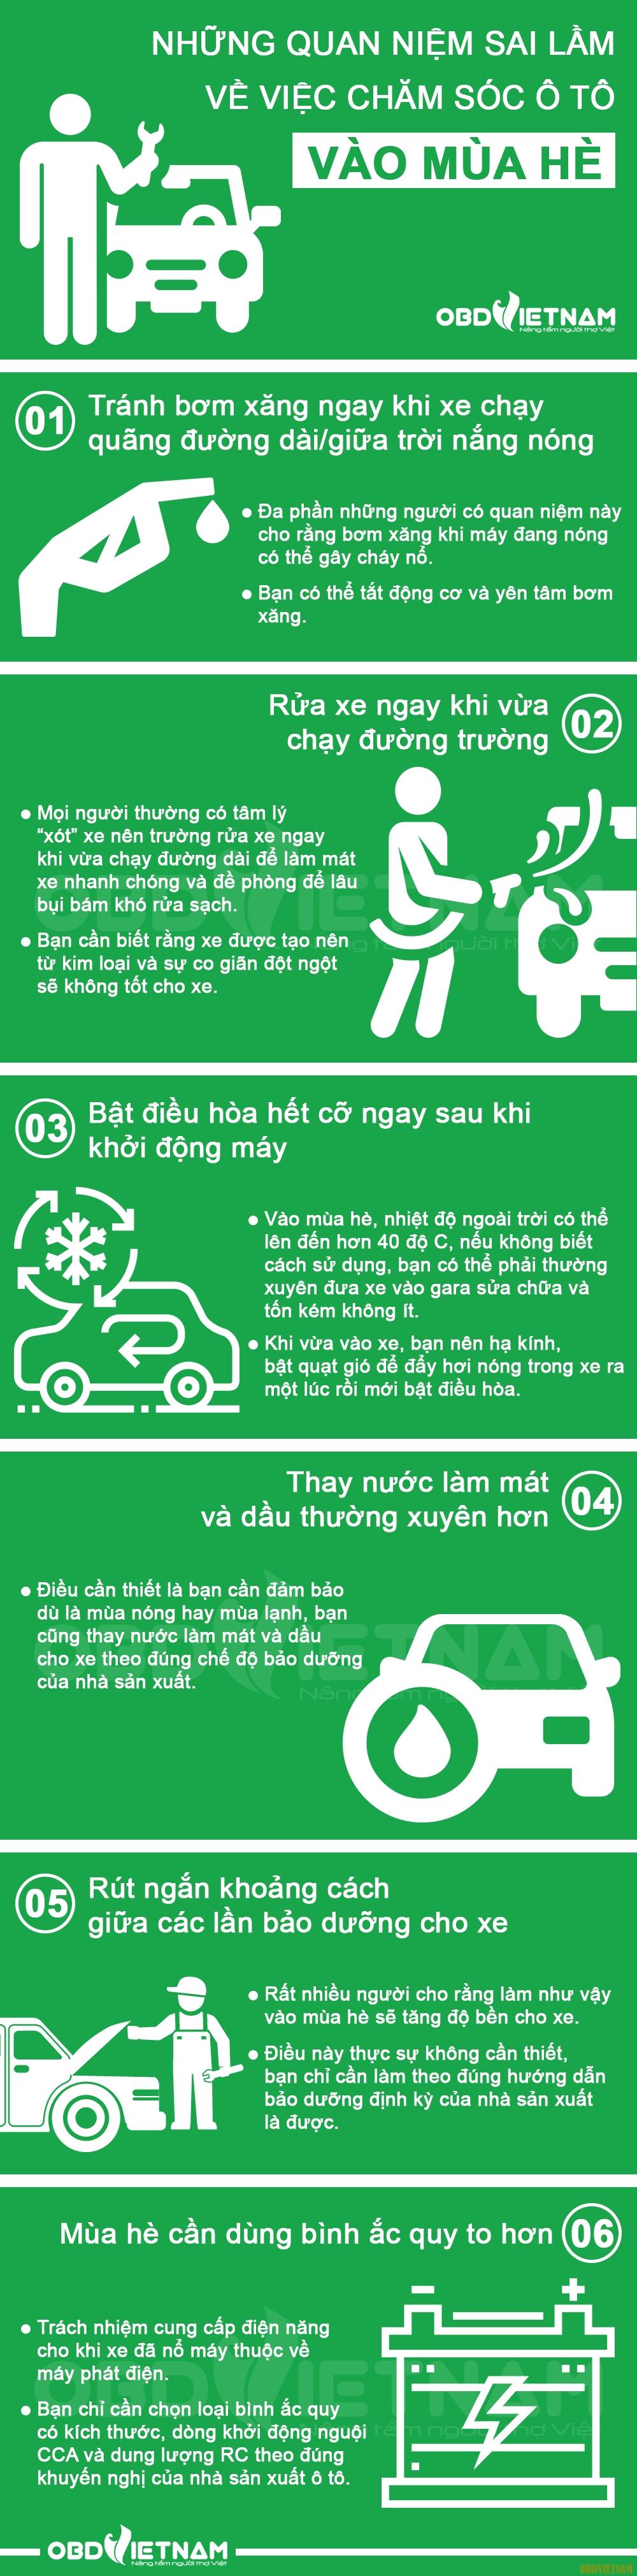 Infographic - Những Quan Niệm Sai Lầm Về Việc Chăm Sóc Ô Tô Vào Mùa Hè